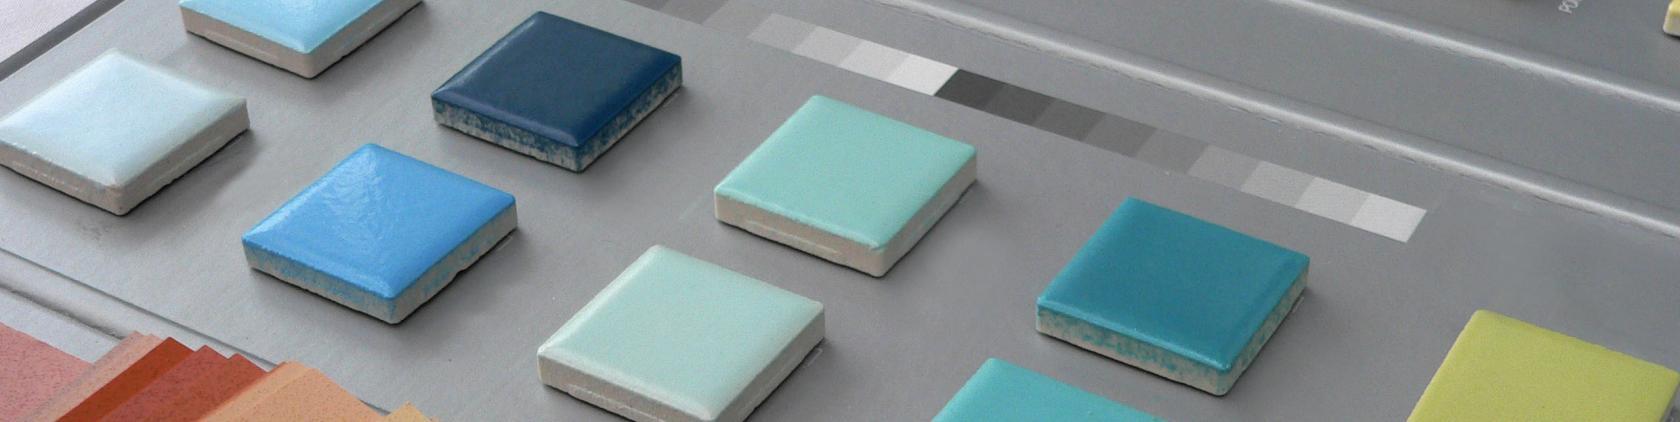 leistungen fliesen seitz mannheim fliesen f r moderne lebensr ume. Black Bedroom Furniture Sets. Home Design Ideas